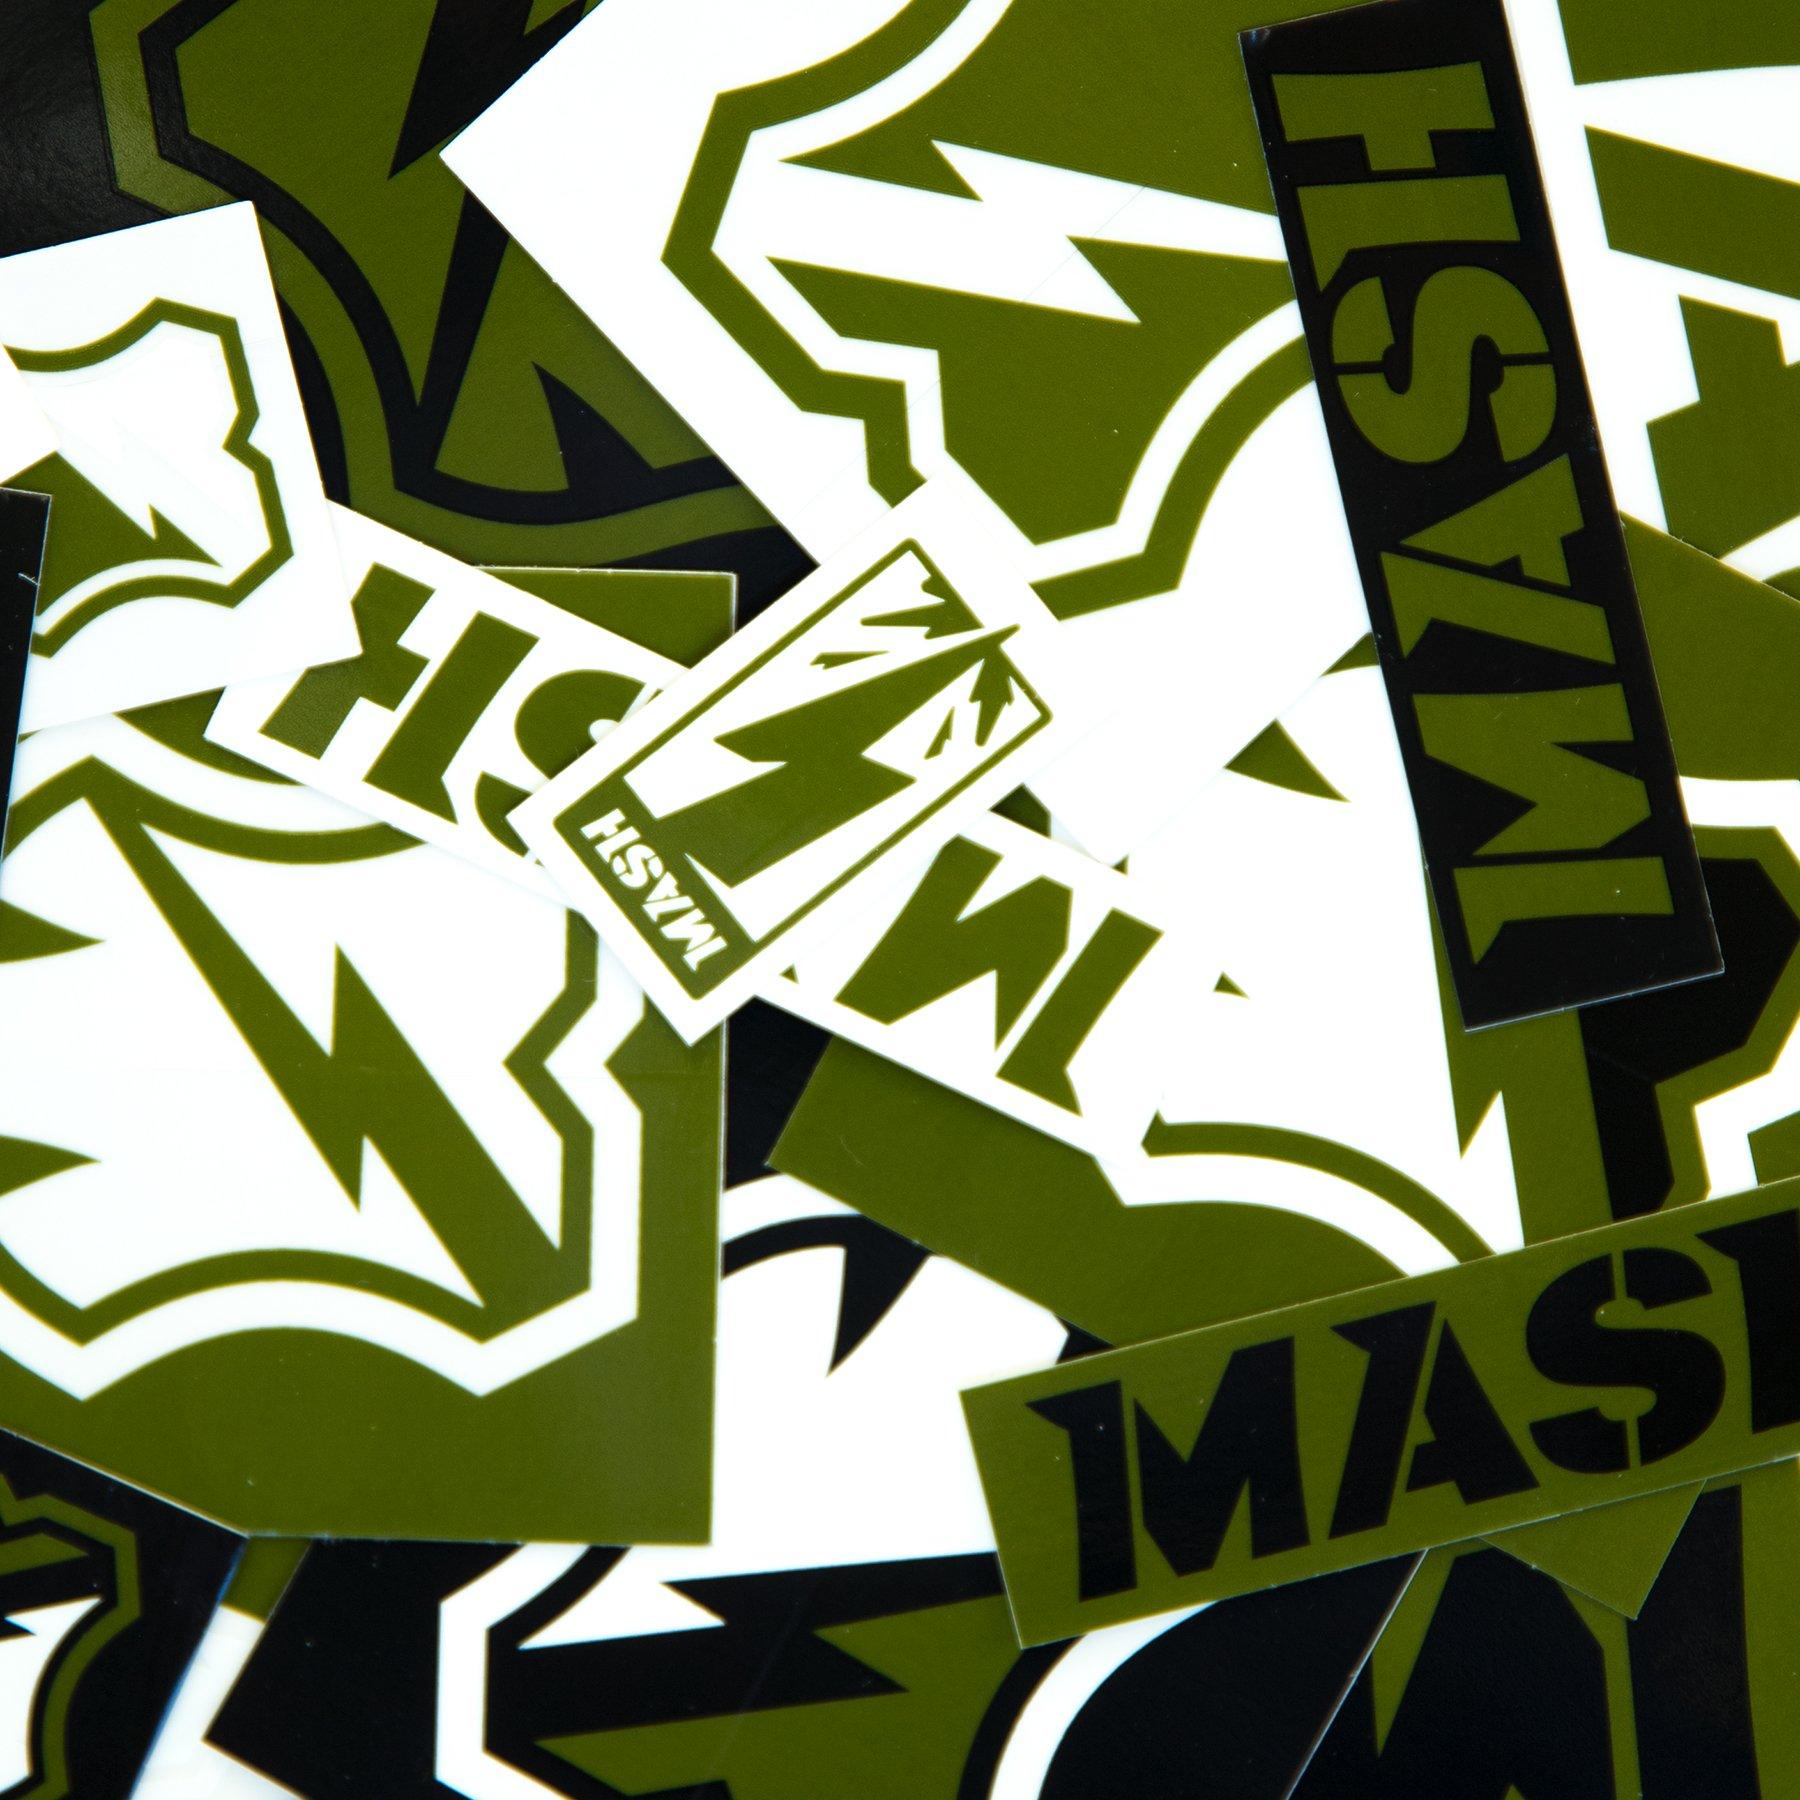 MASHSF